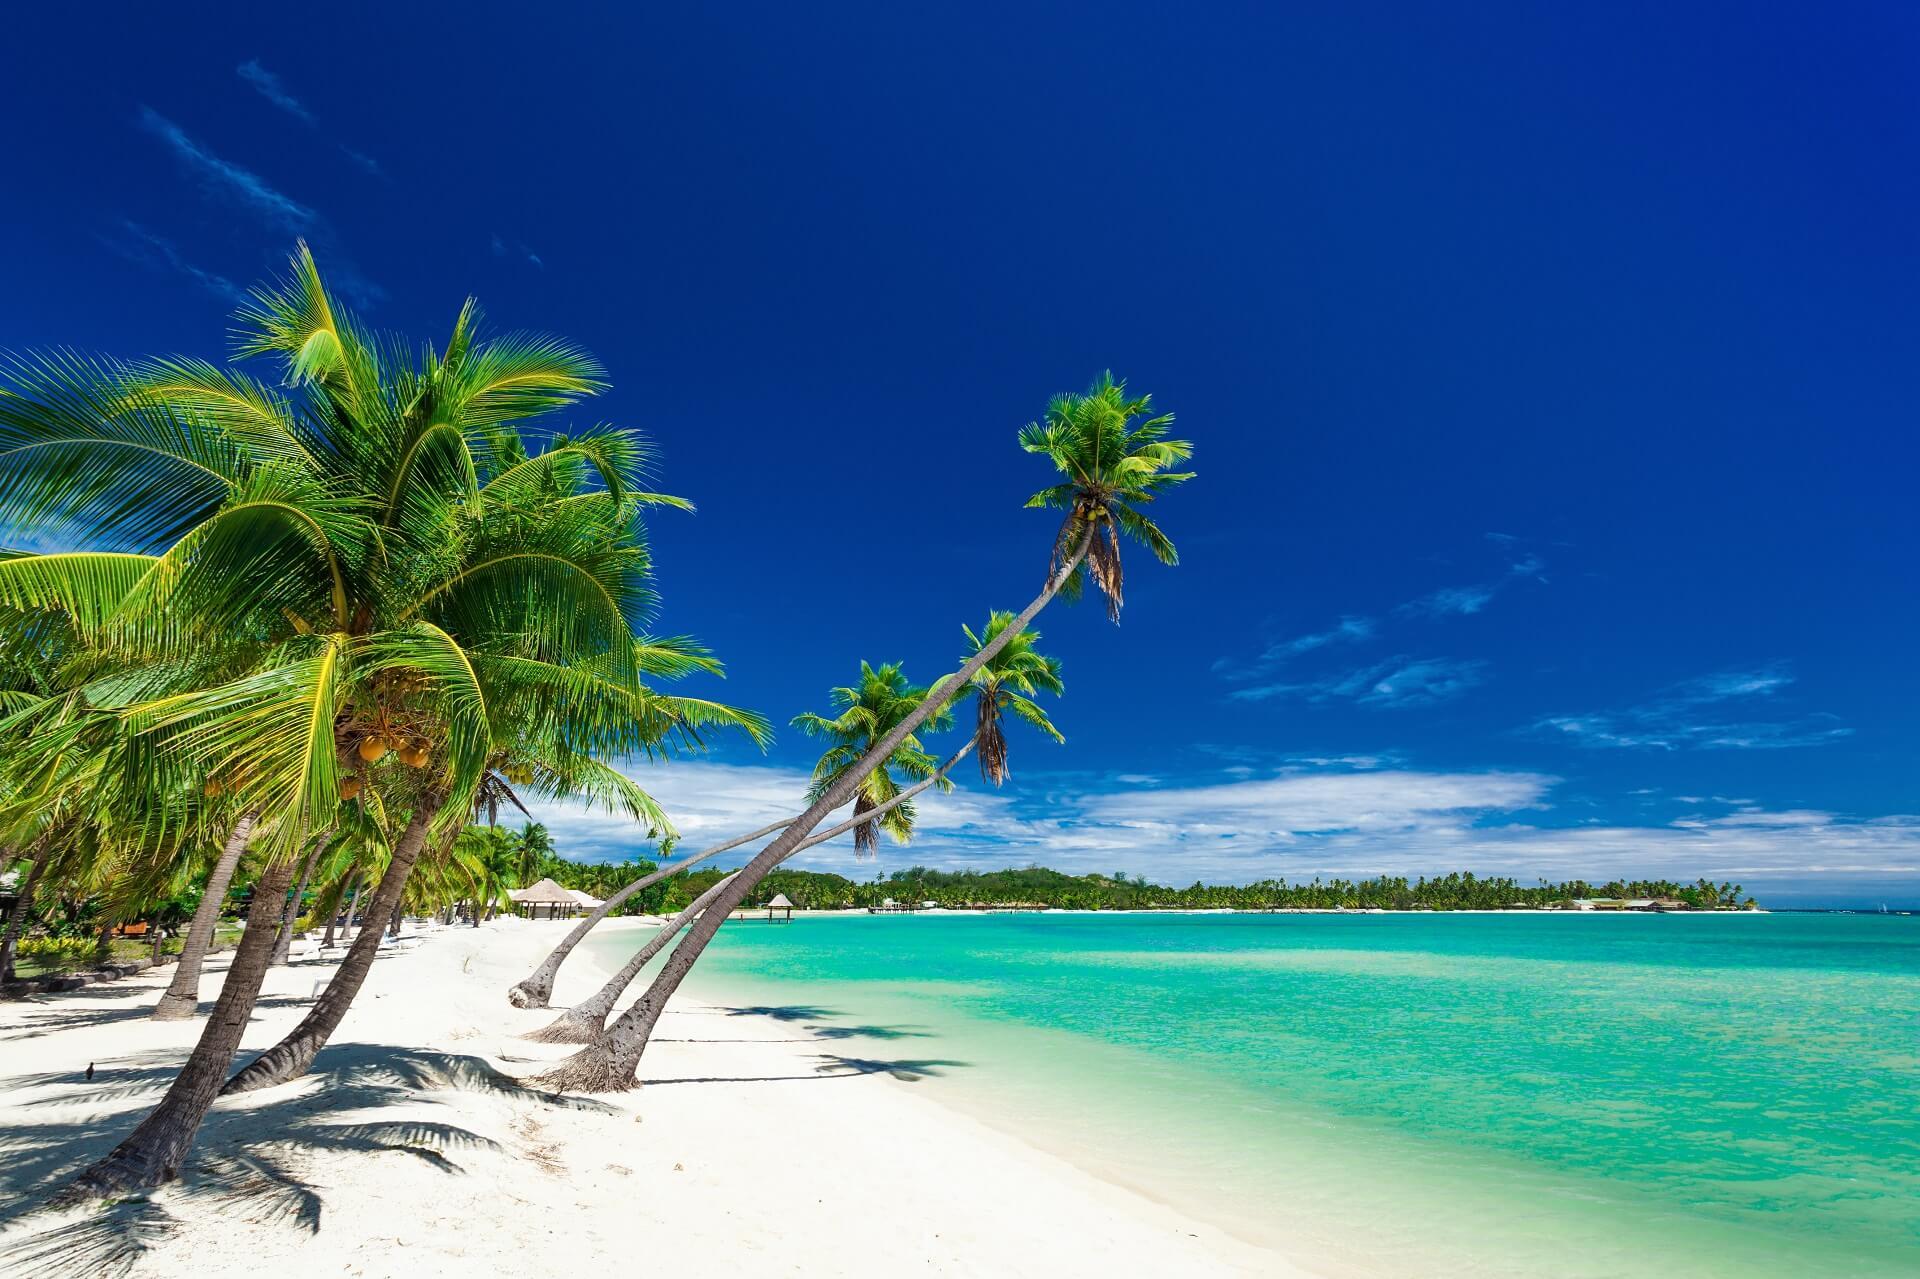 Die Natur auf den Fidschi Inseln ist ein wahres Paradies